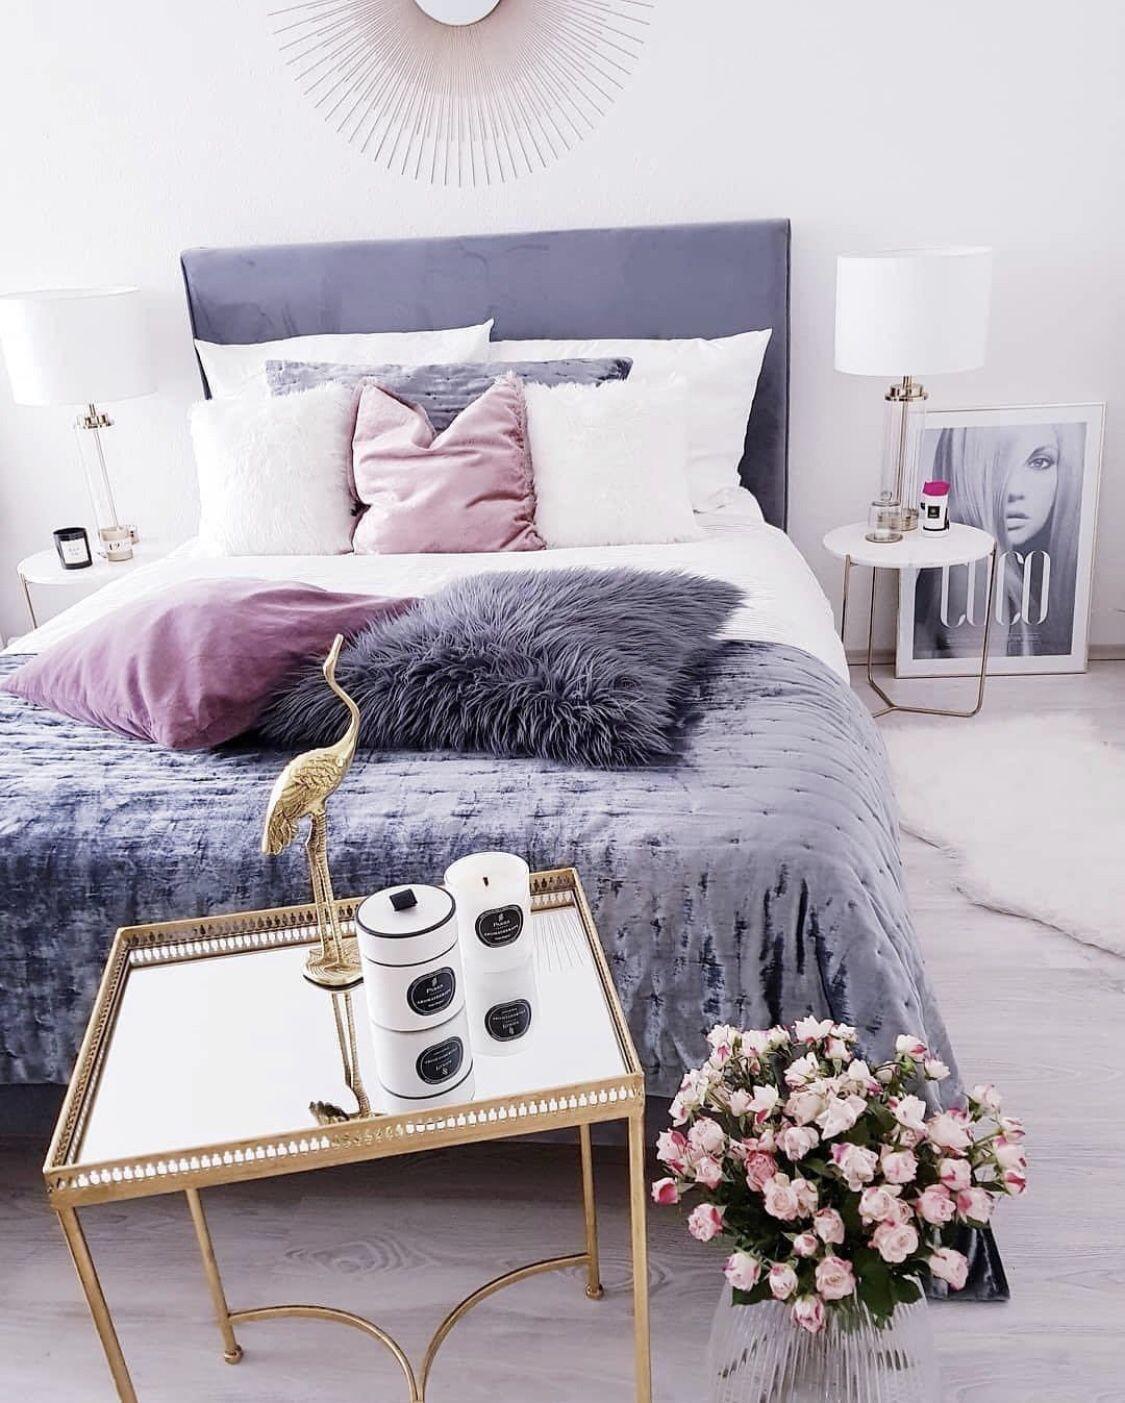 Idée Déco Chambre Simple idées déco] ambiance élégante et féminine dans la chambre